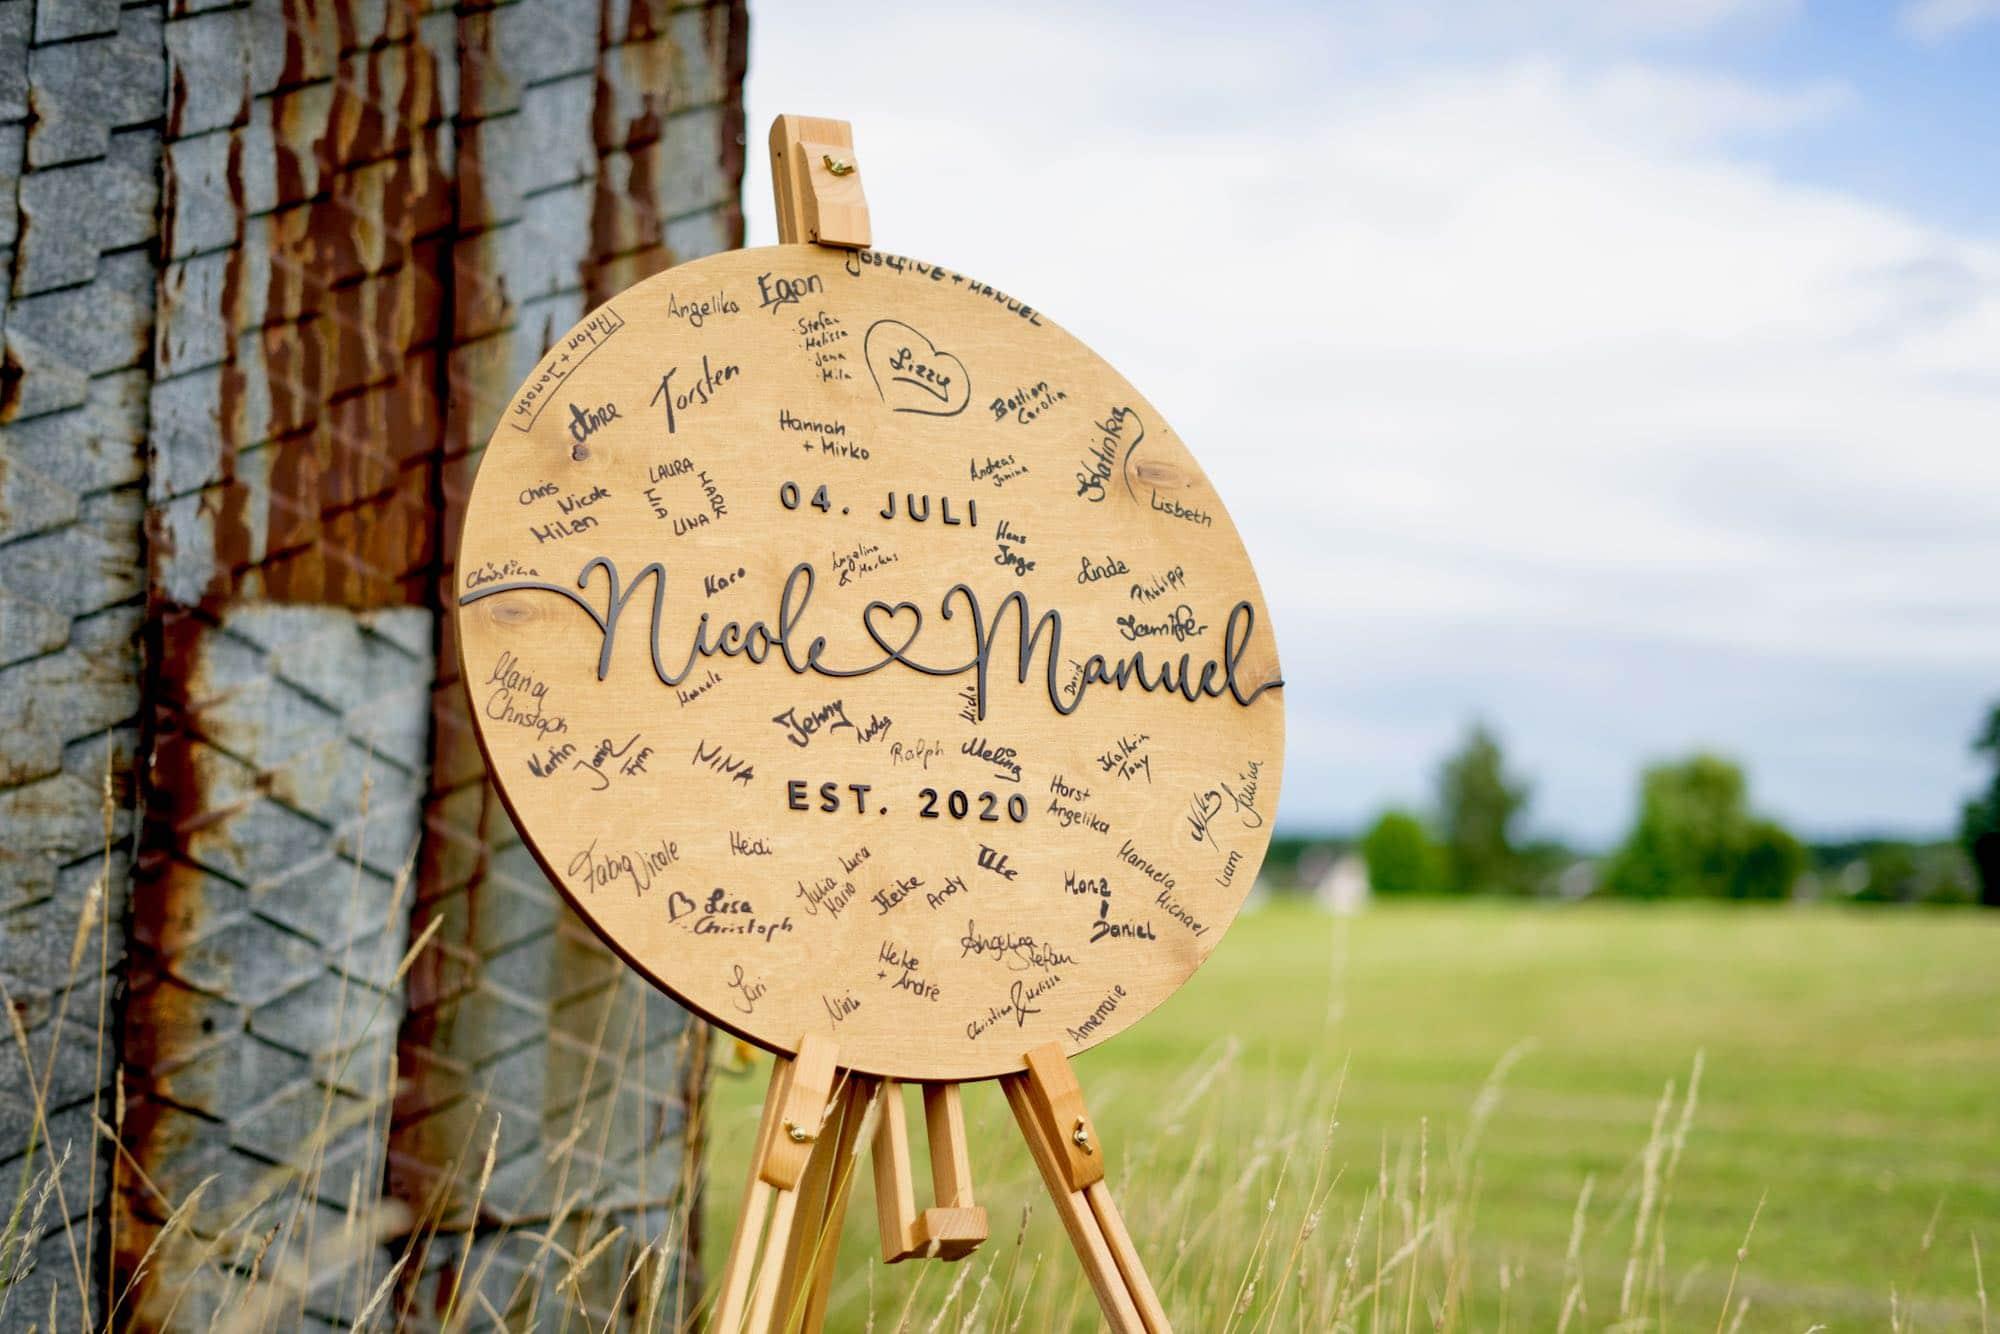 Glaube Kommunionsgeschenk | Holz- Geschenk zur Kommunion Konfirmation